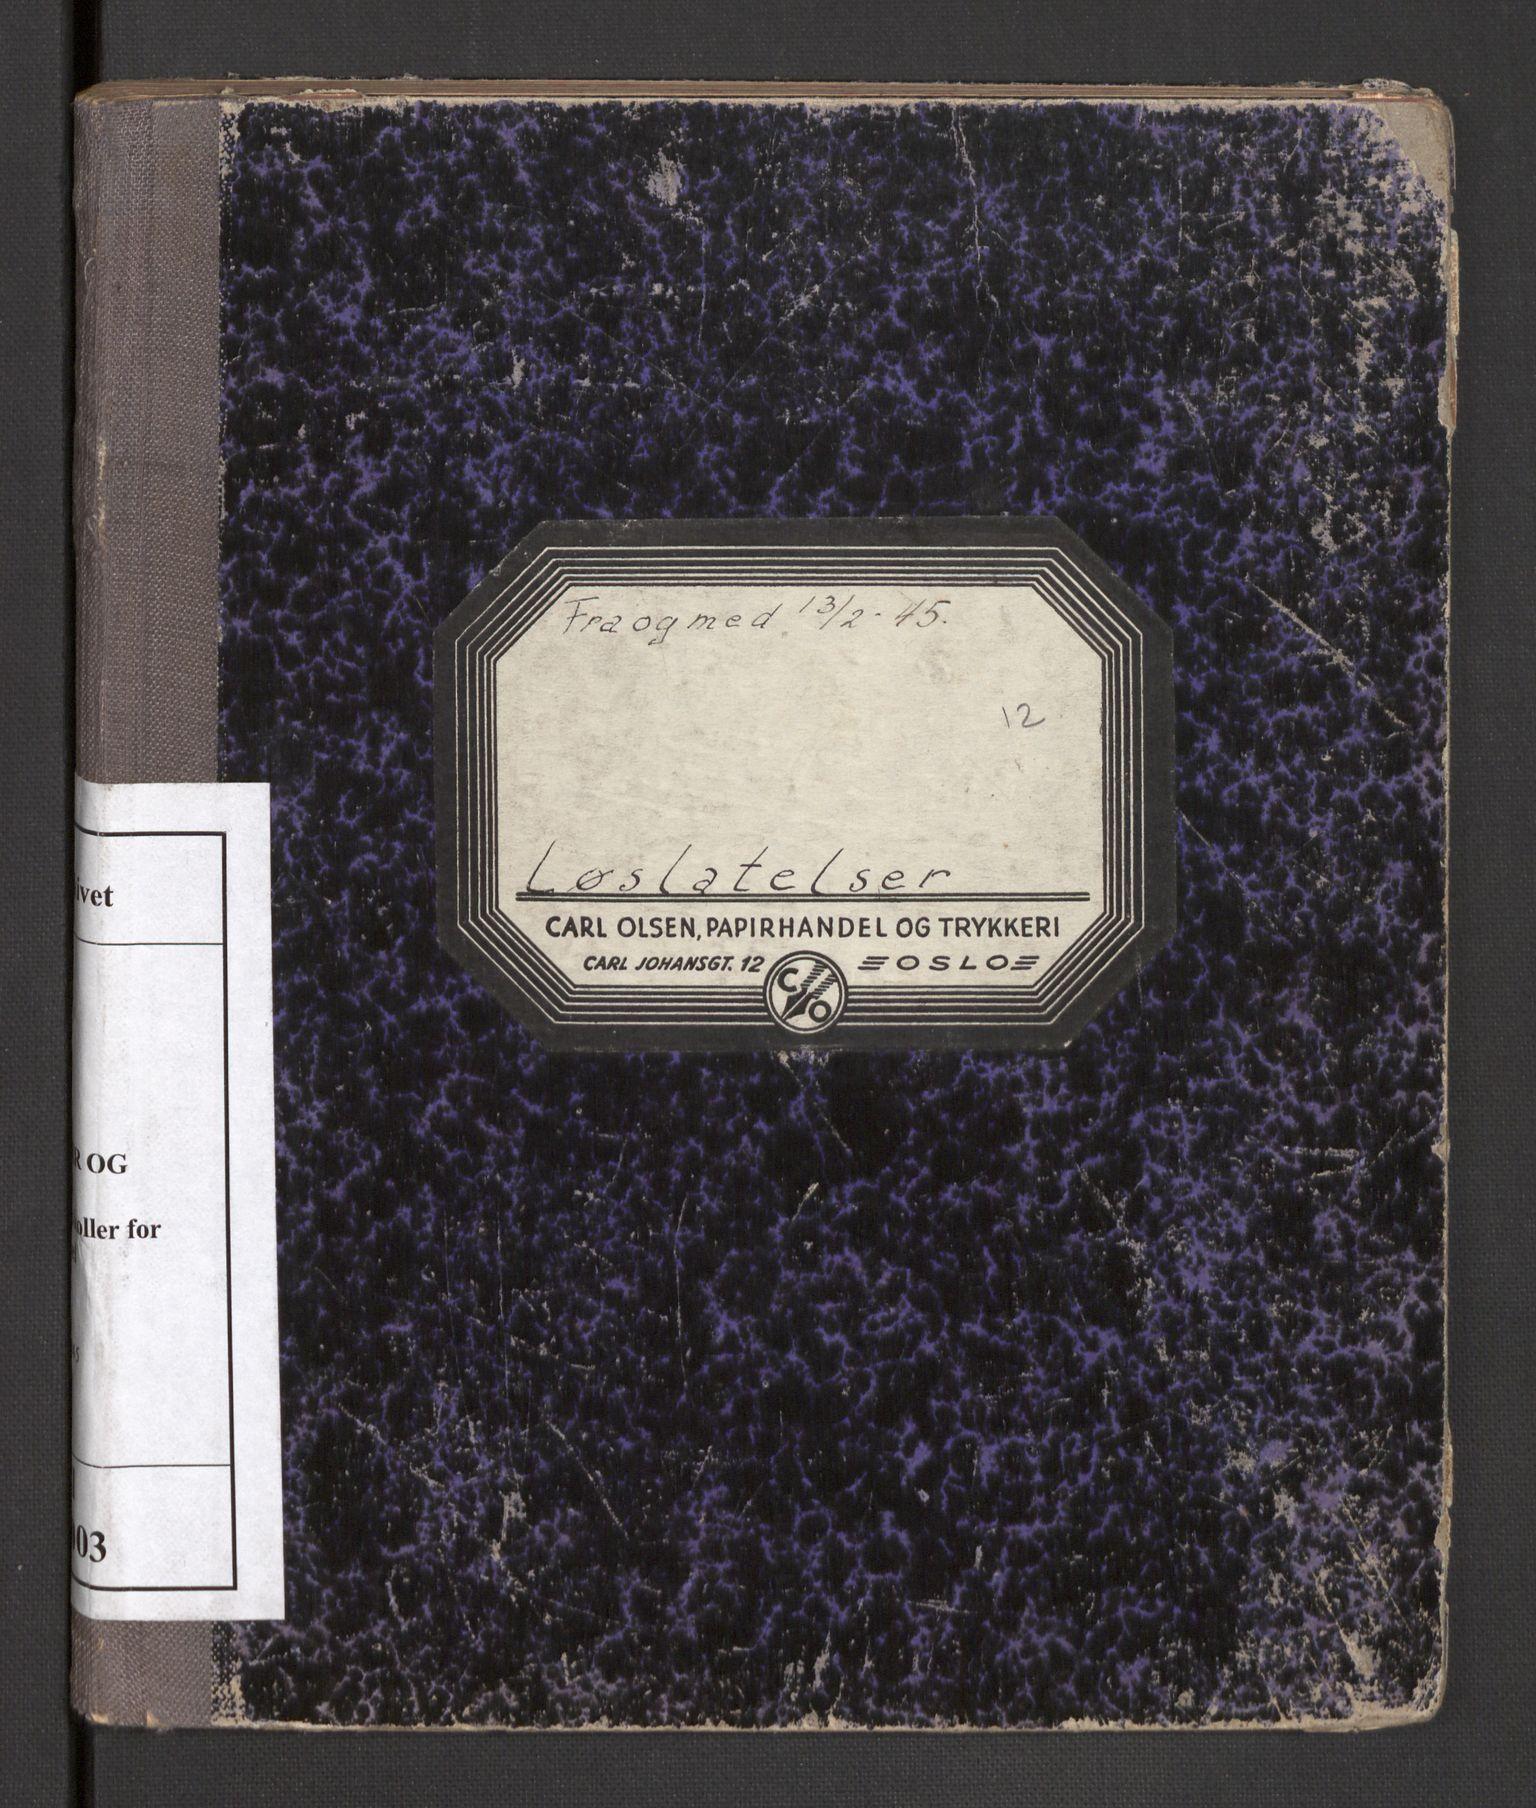 RA, Statspolitiet - Hovedkontoret / Osloavdelingen, C/Cl/L0003: Løslatelser, 1945